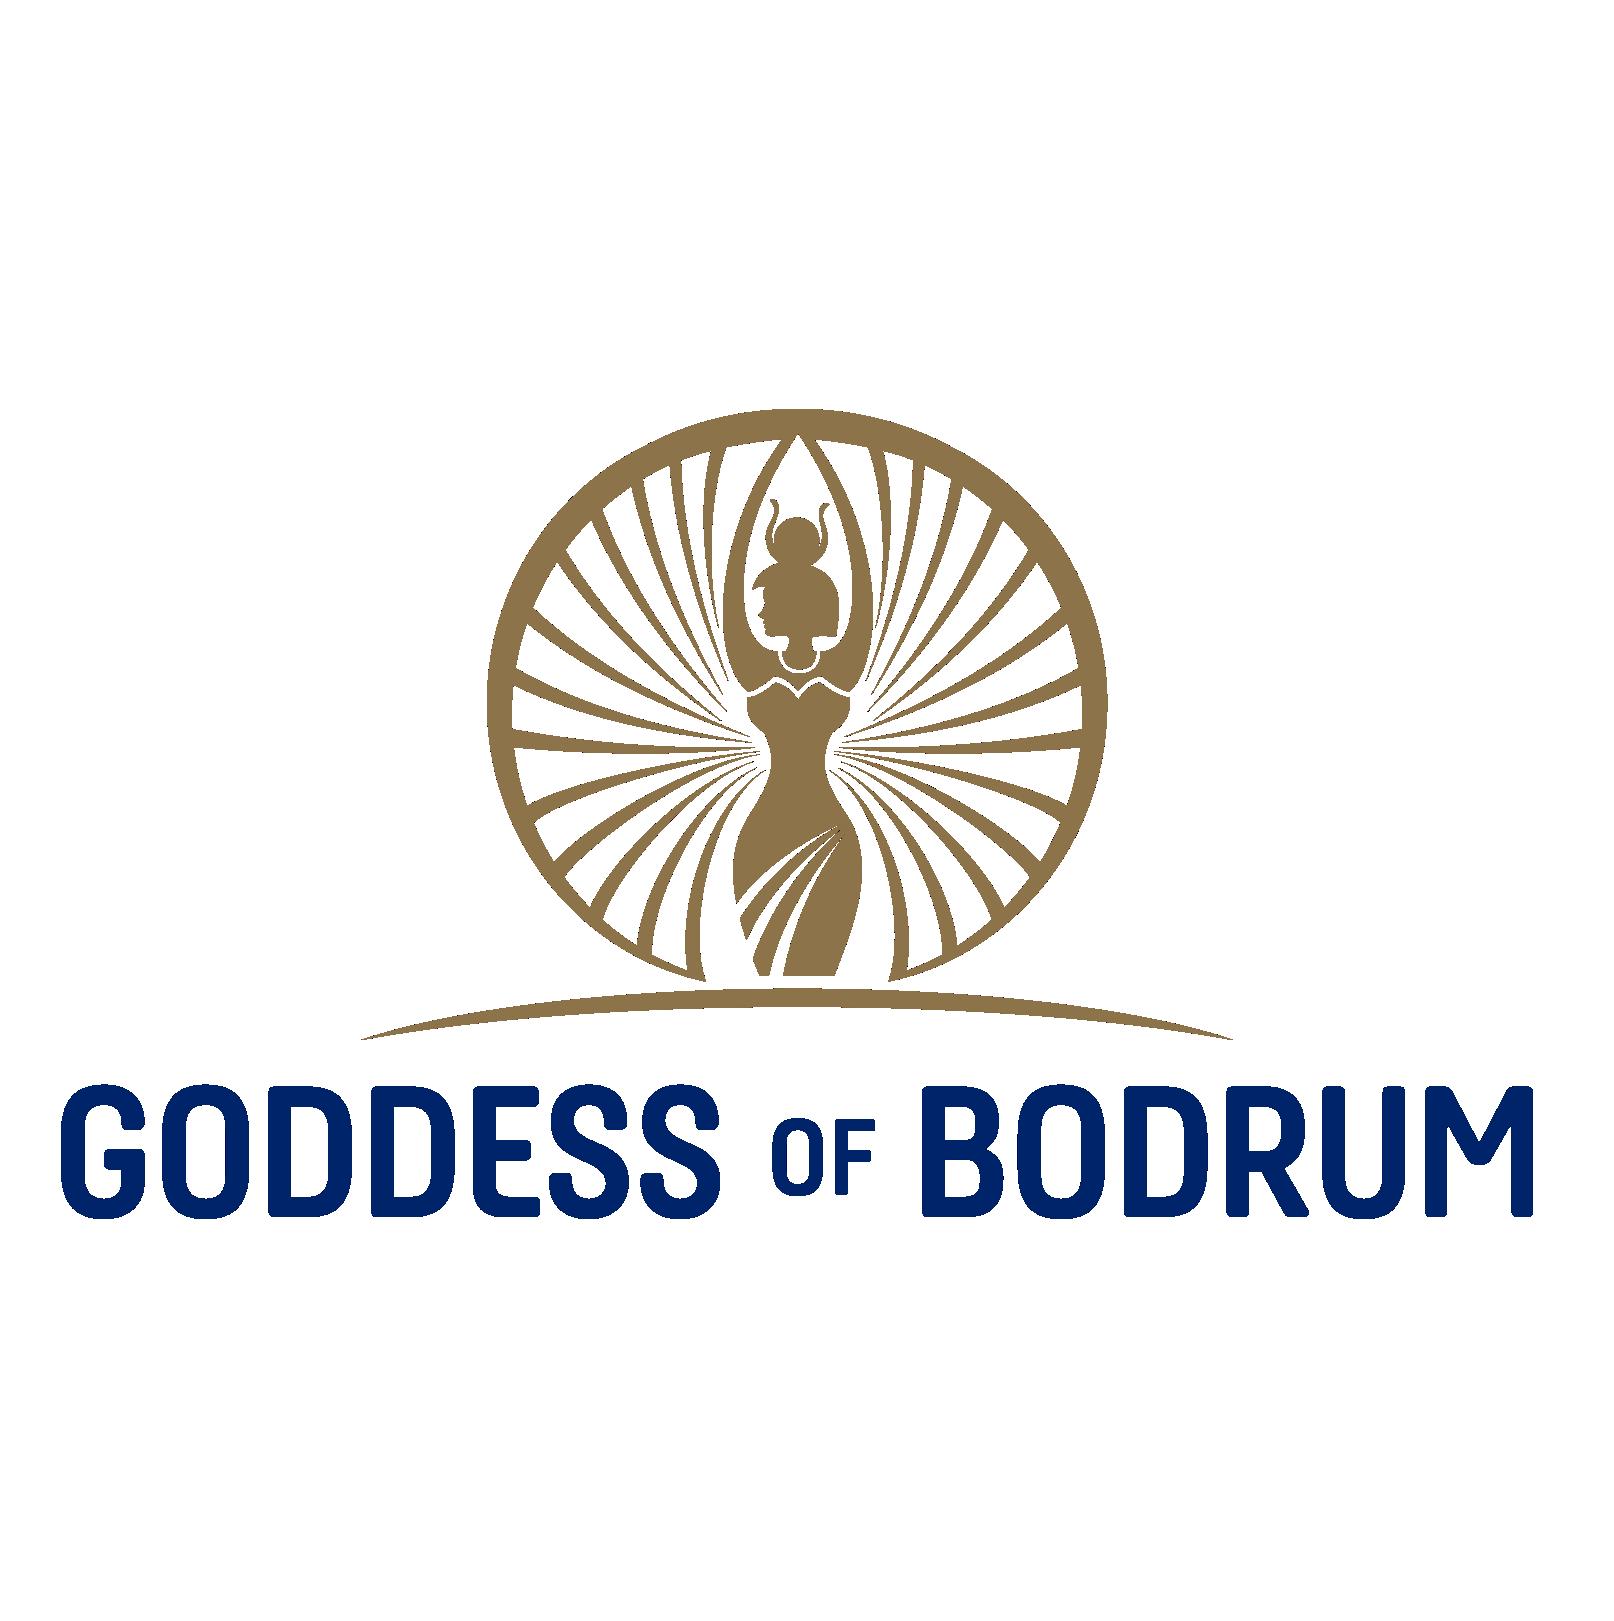 GODDES OF BODRUM